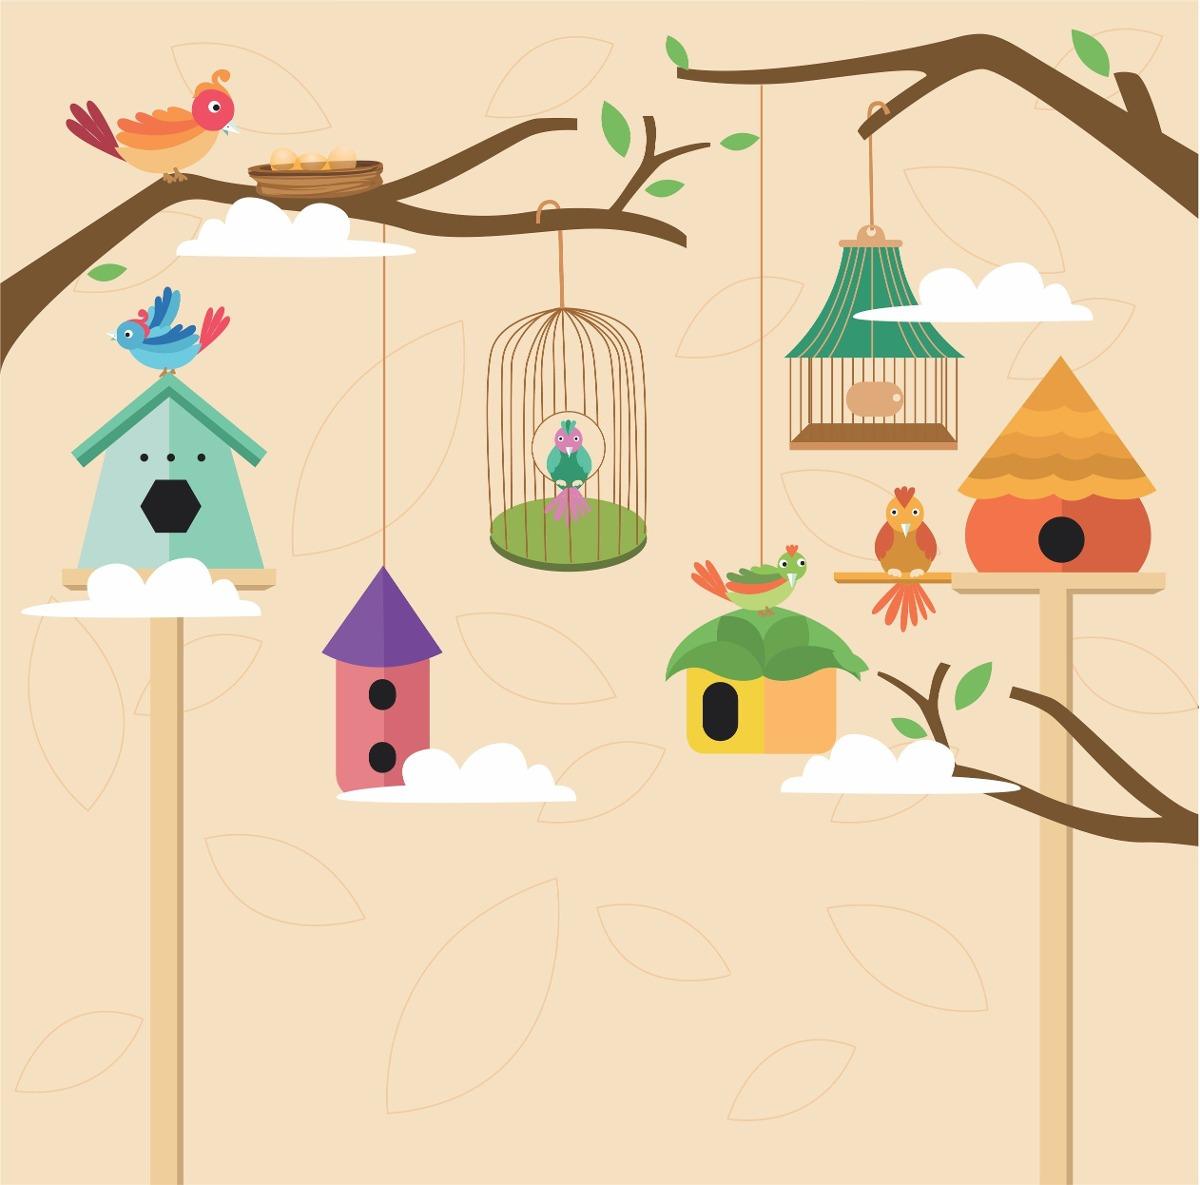 Papel de parede quarto bebe infantil gaiolas passarinho 5m r 169 90 em mercado livre - Papel para pared infantil ...